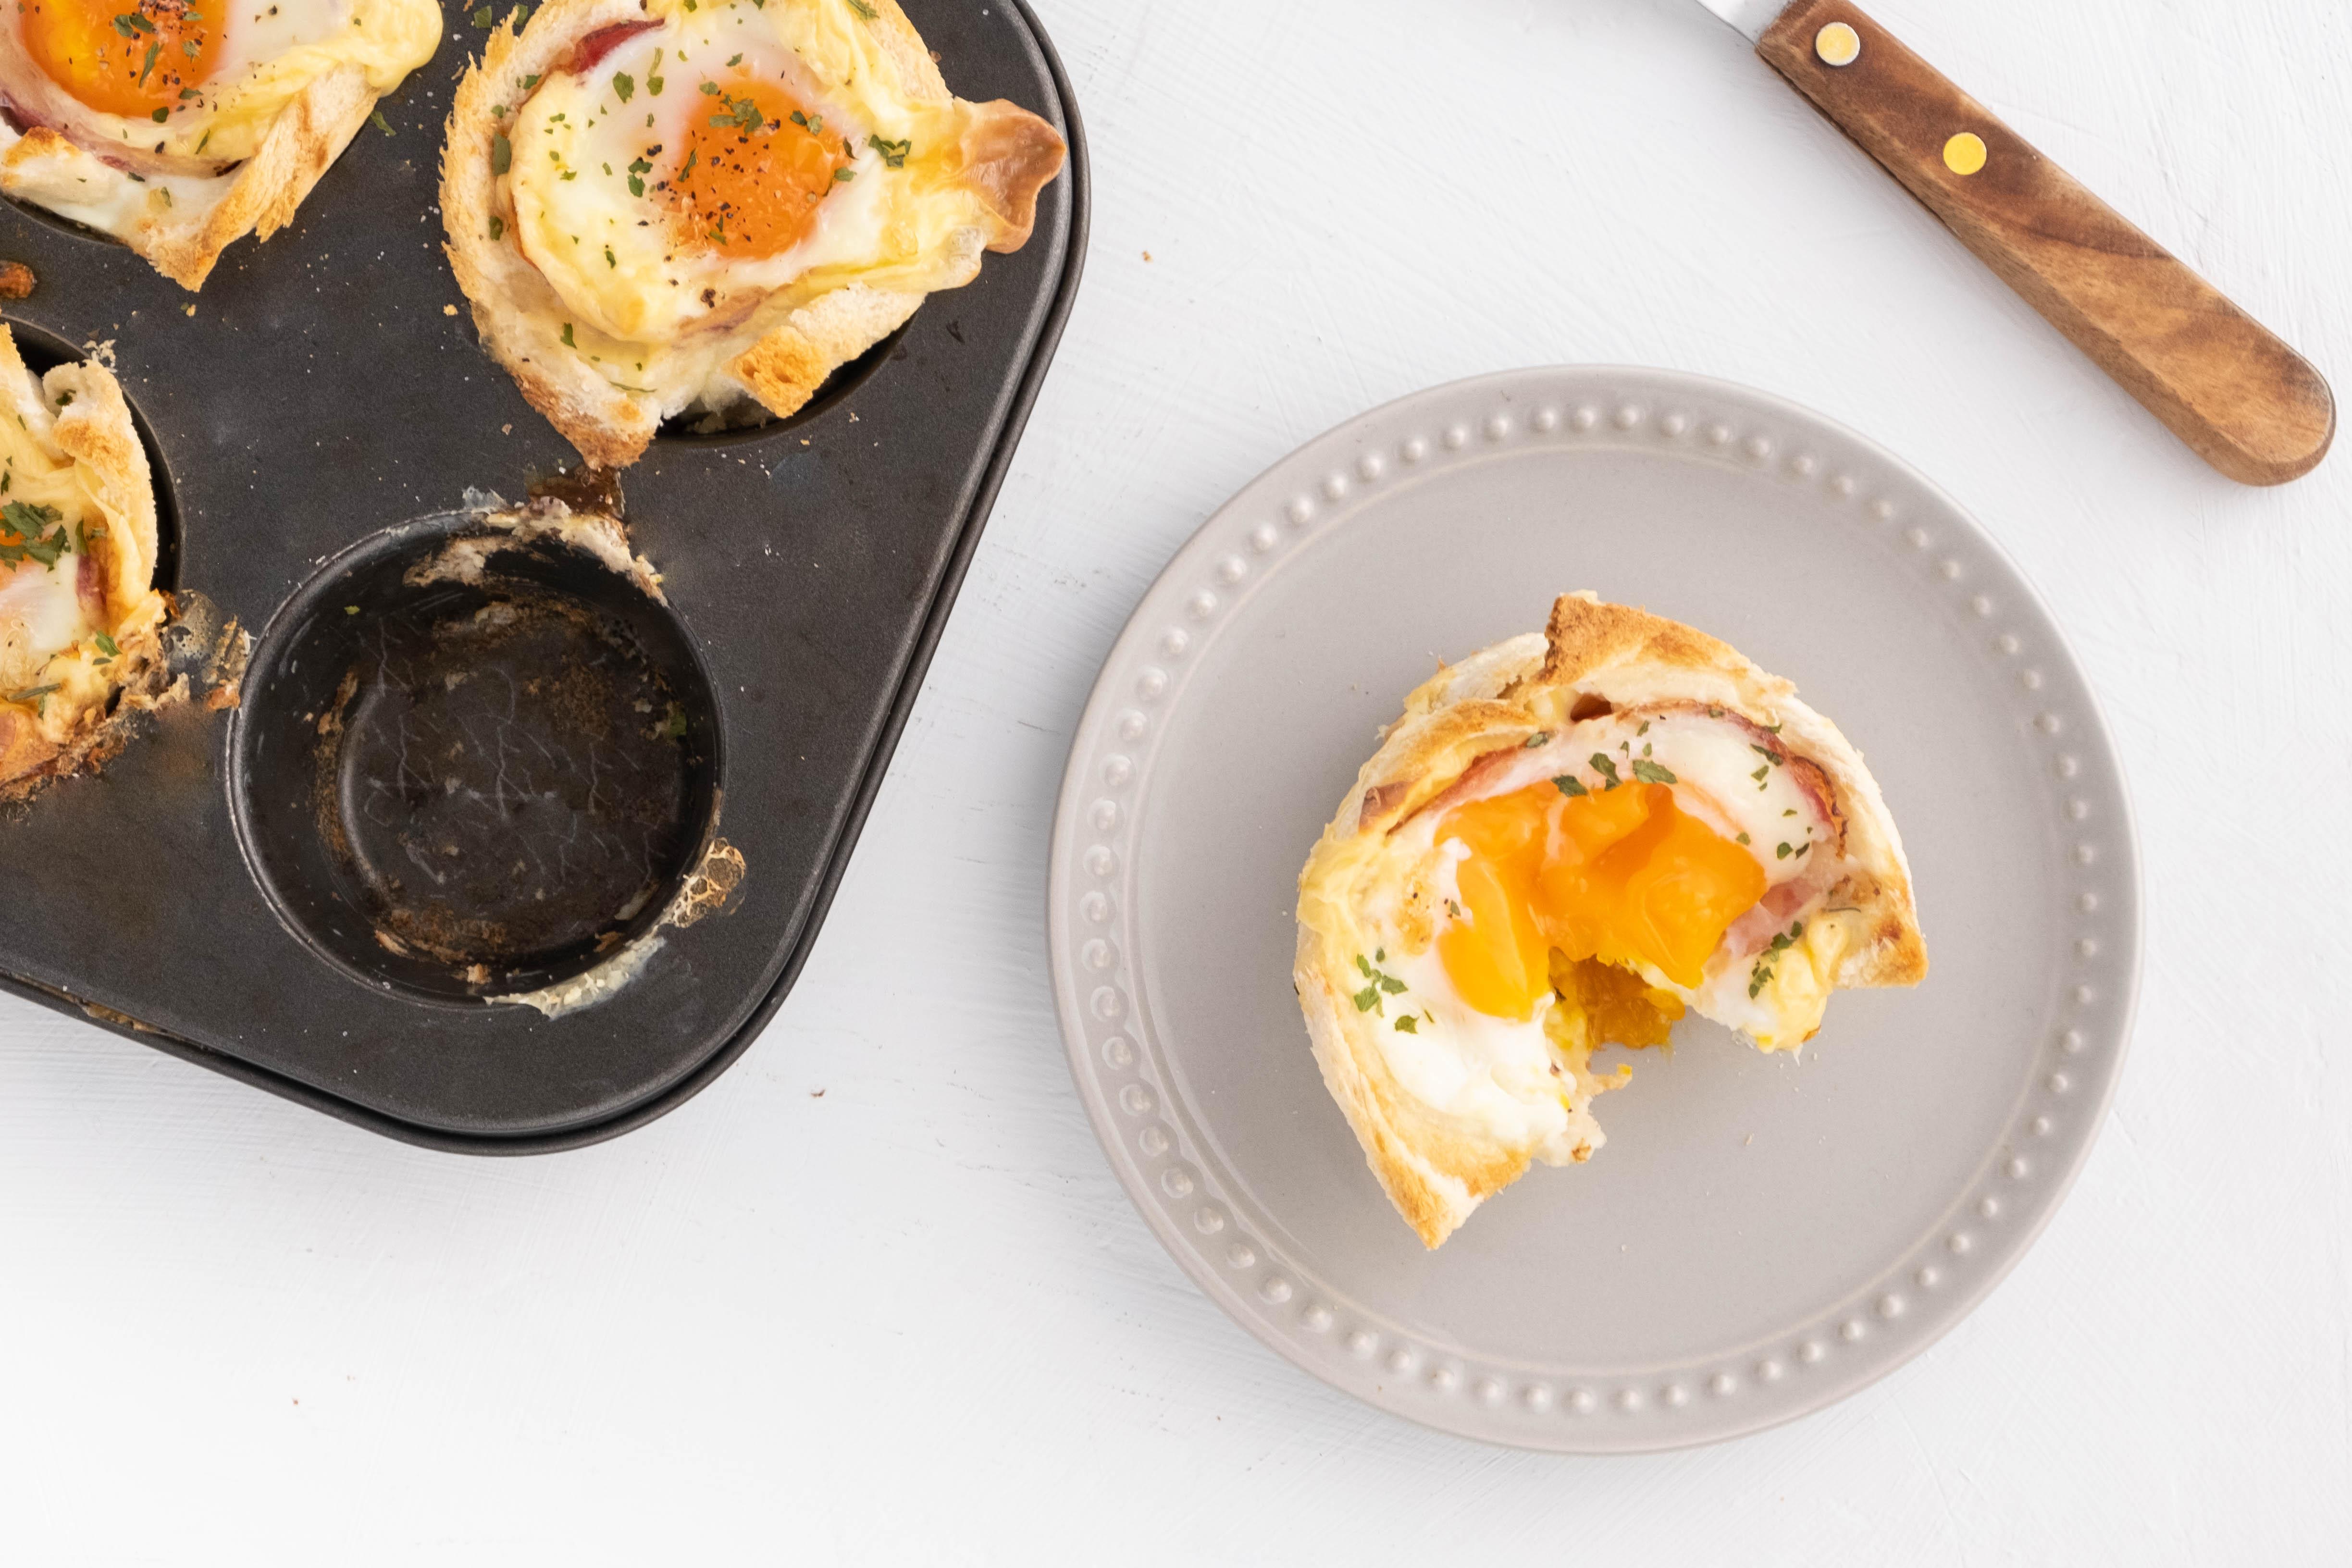 840x560-Breakfast-Cups